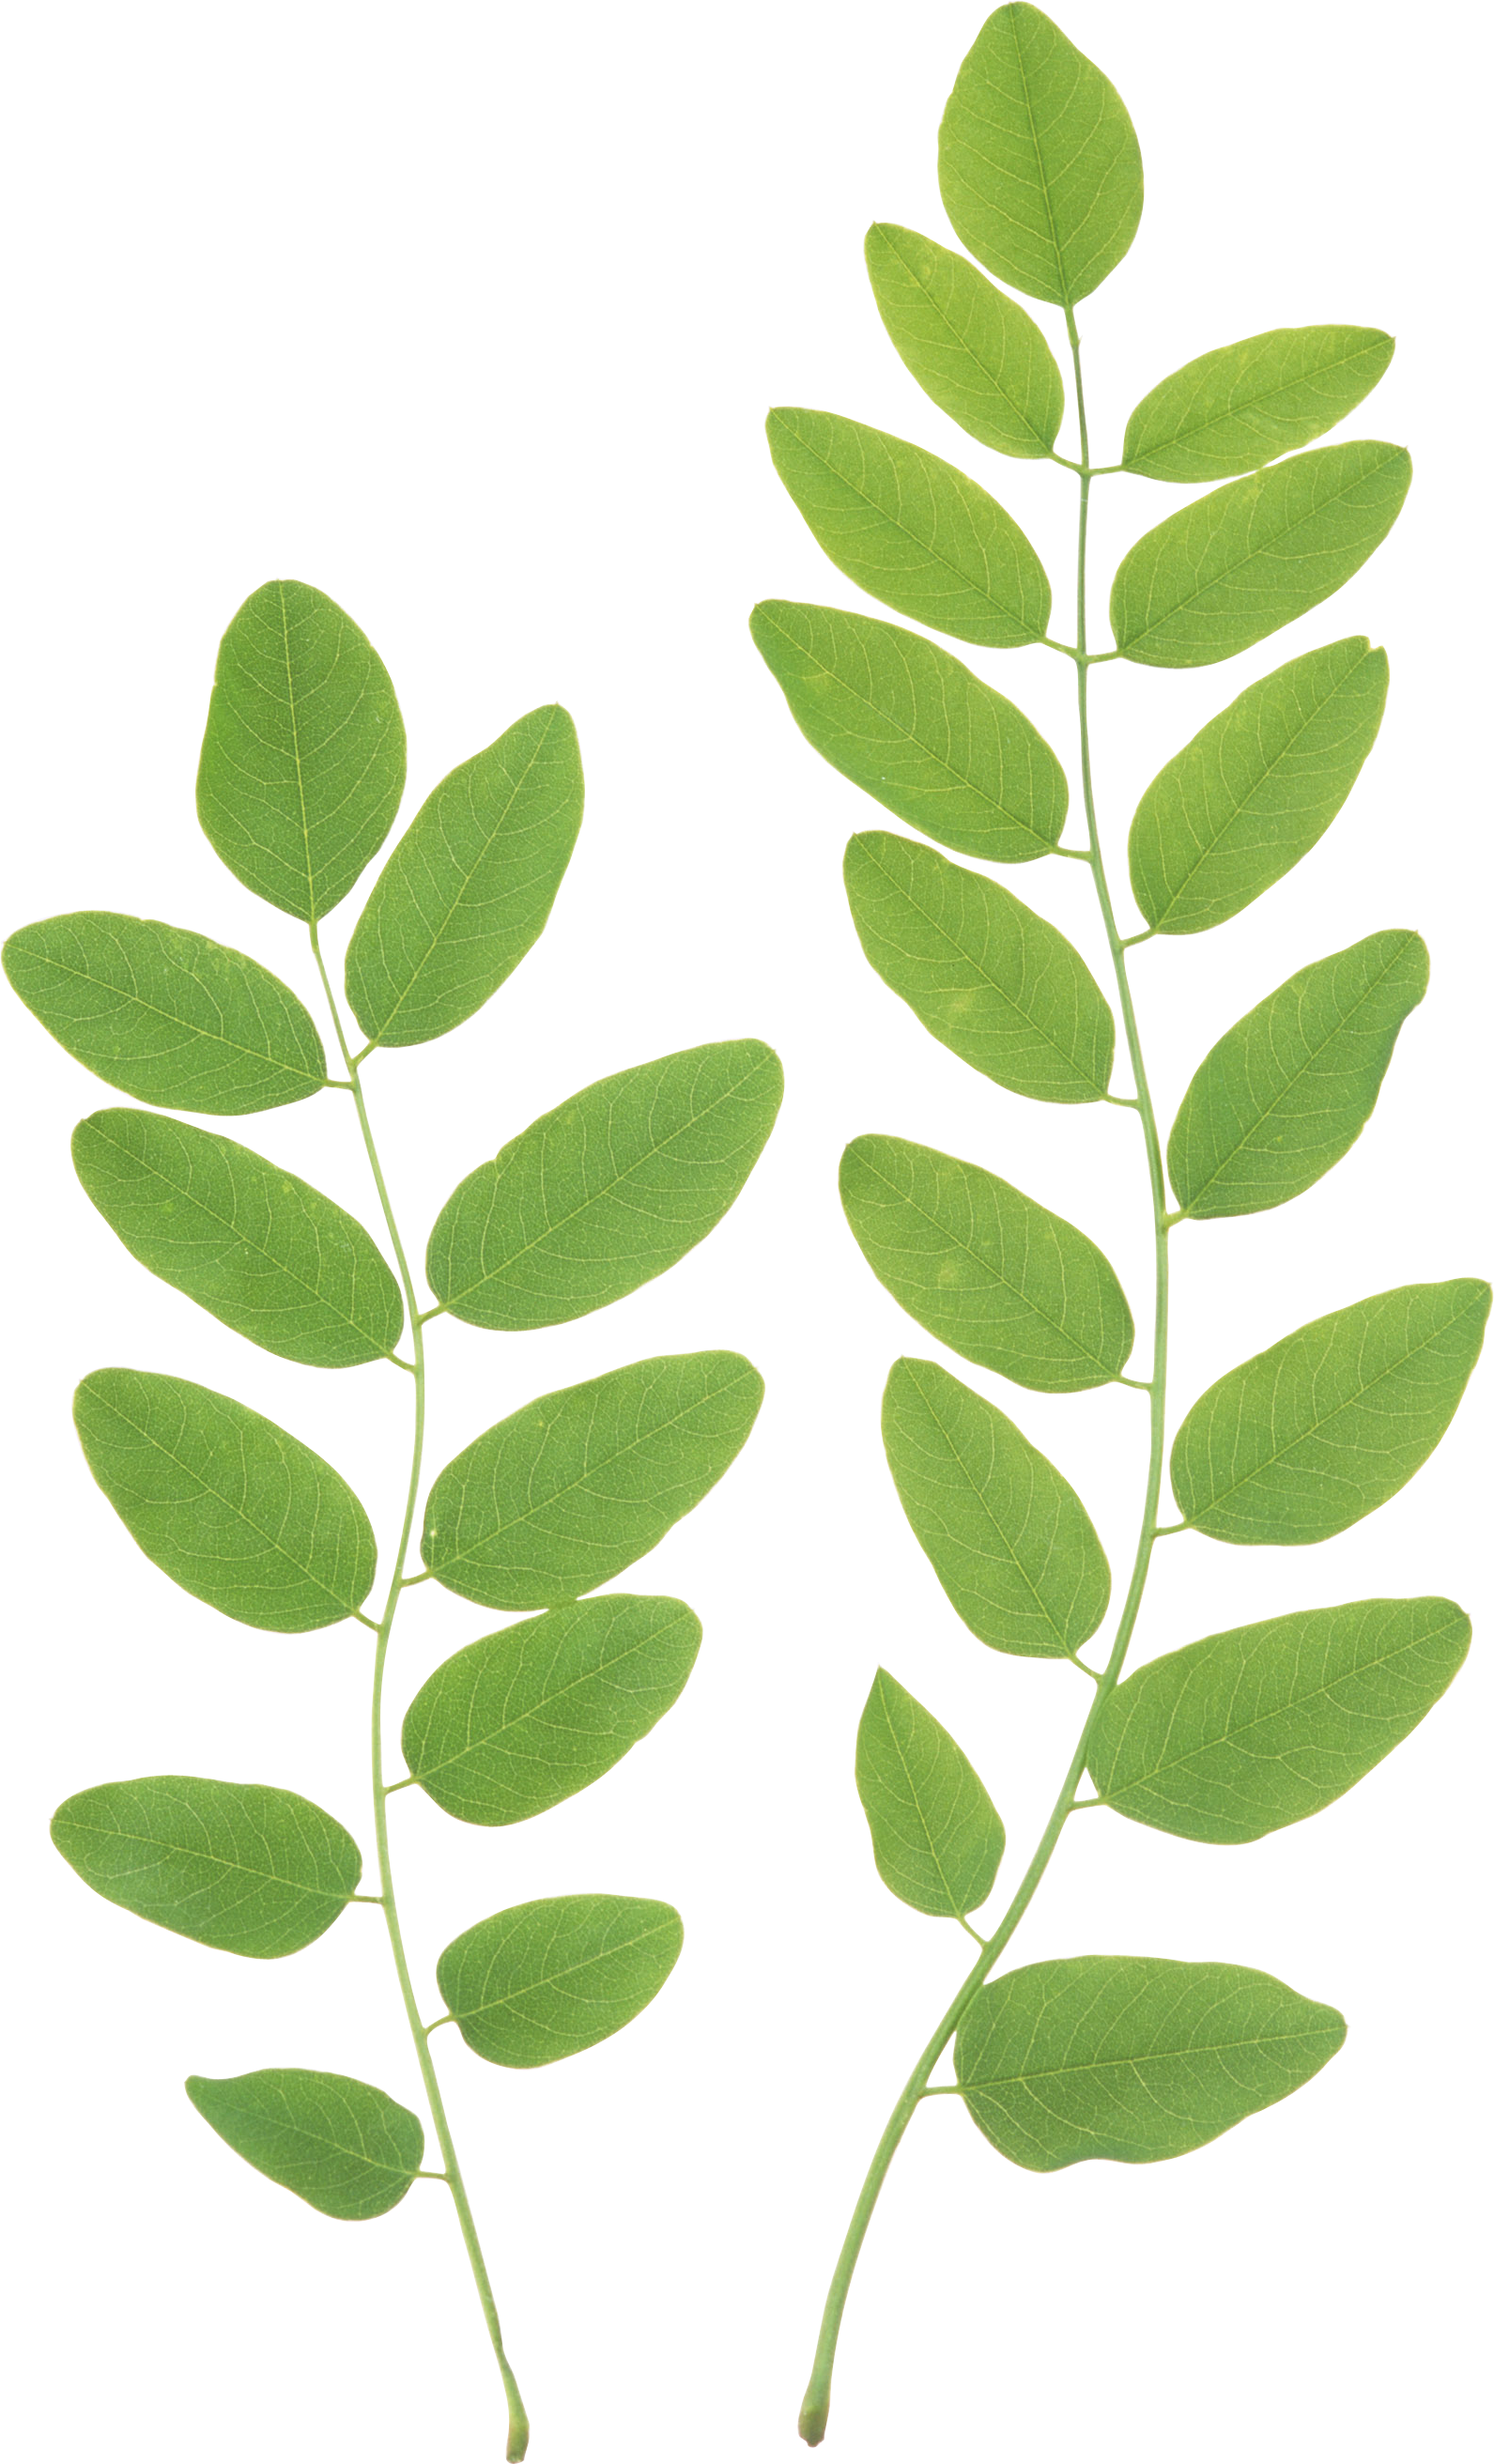 Green Leaf Png image #44865